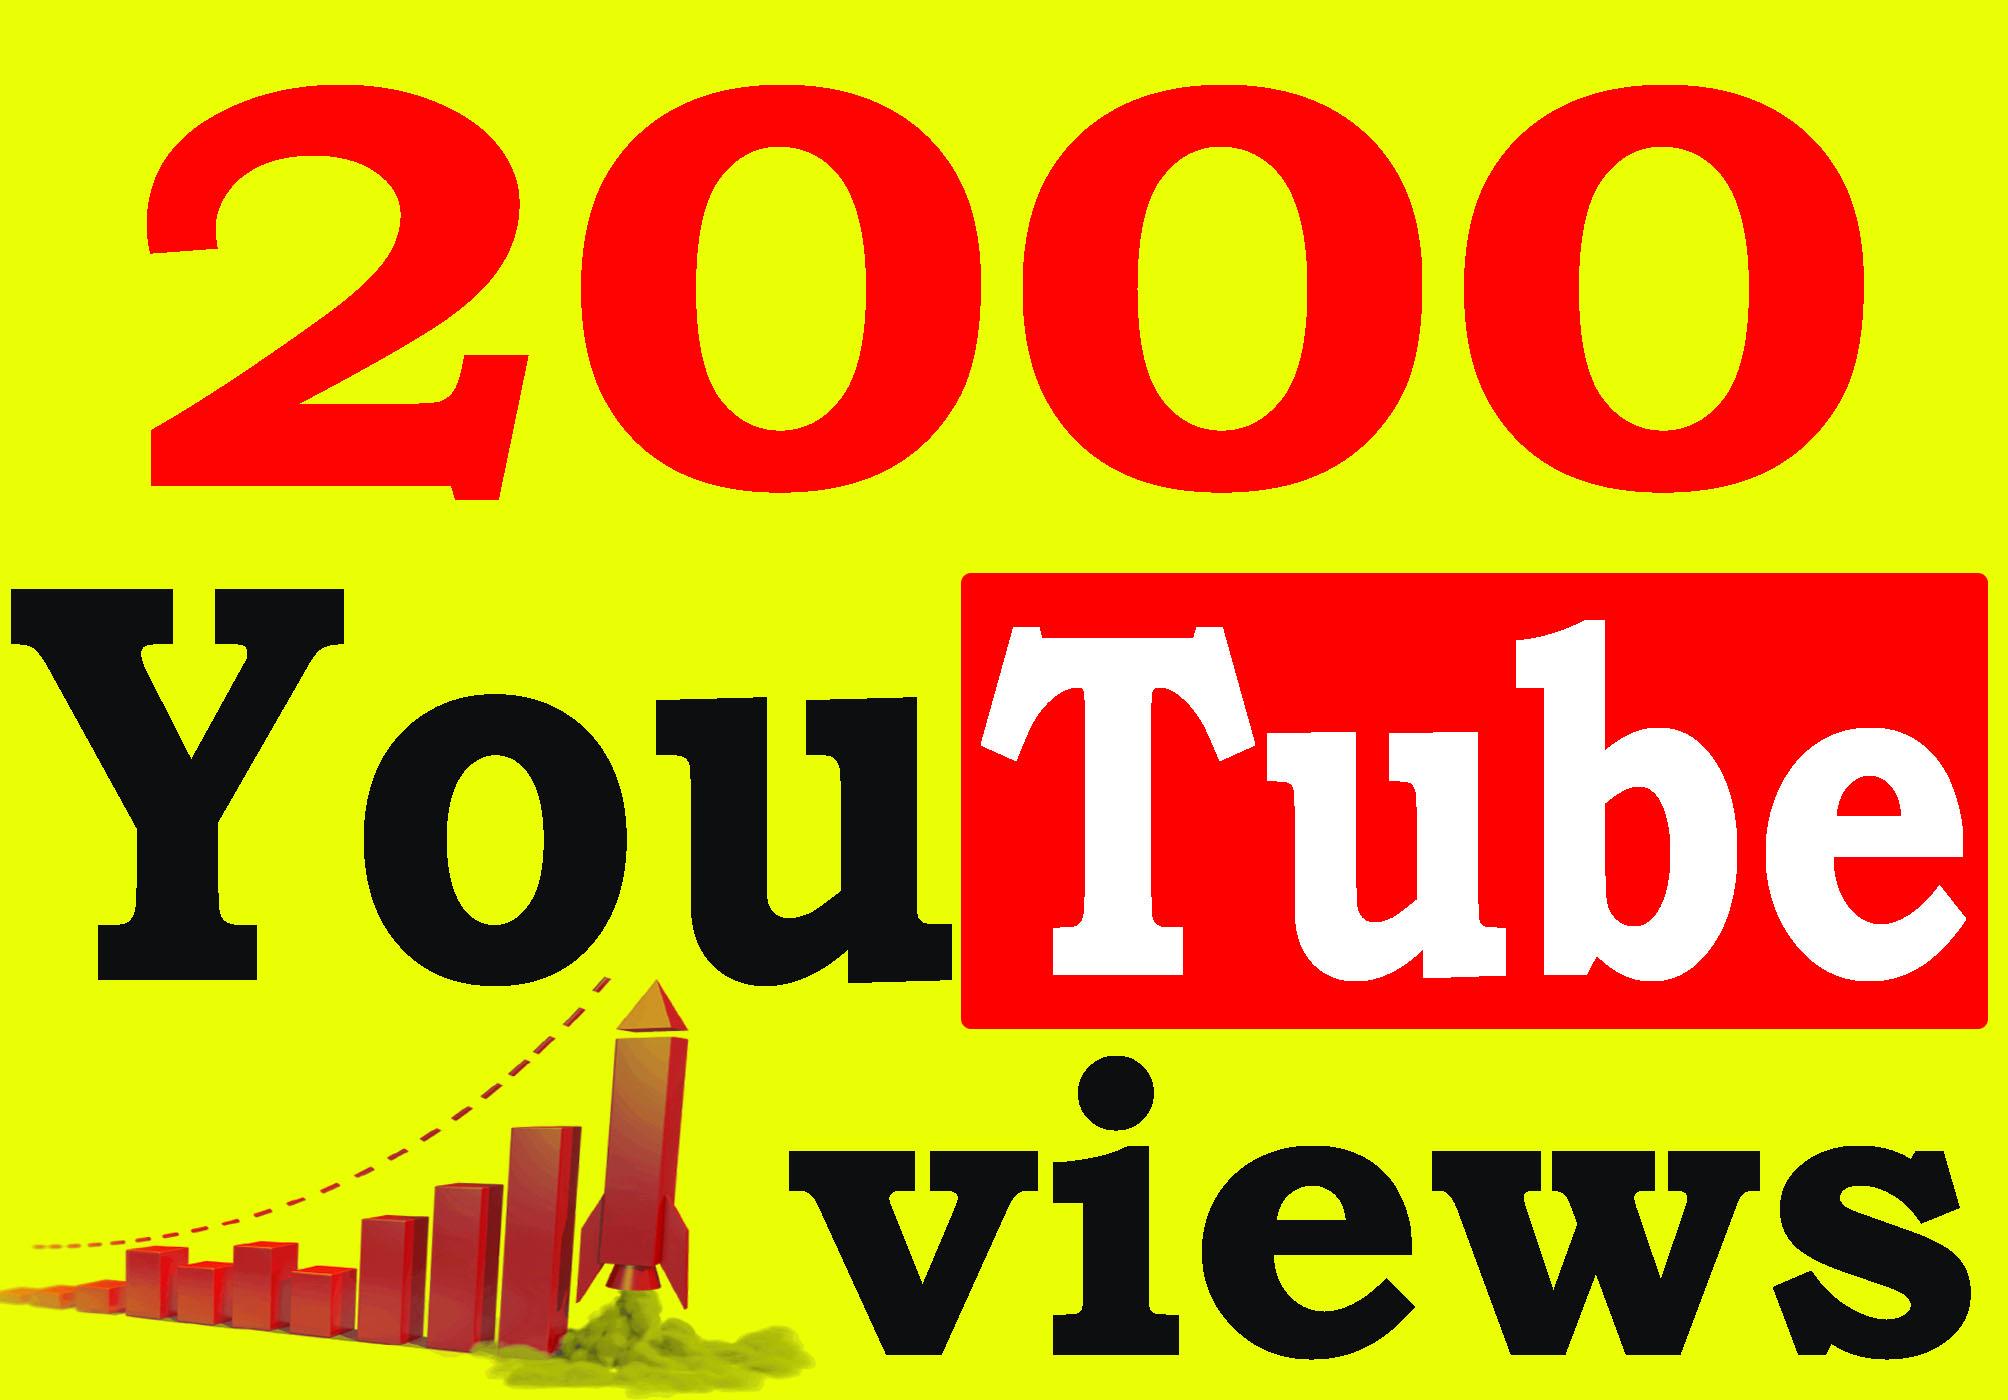 Fast 2000 To 3000 High Retention 90 To 100 Percent Non Drop Guarantee Vi ews